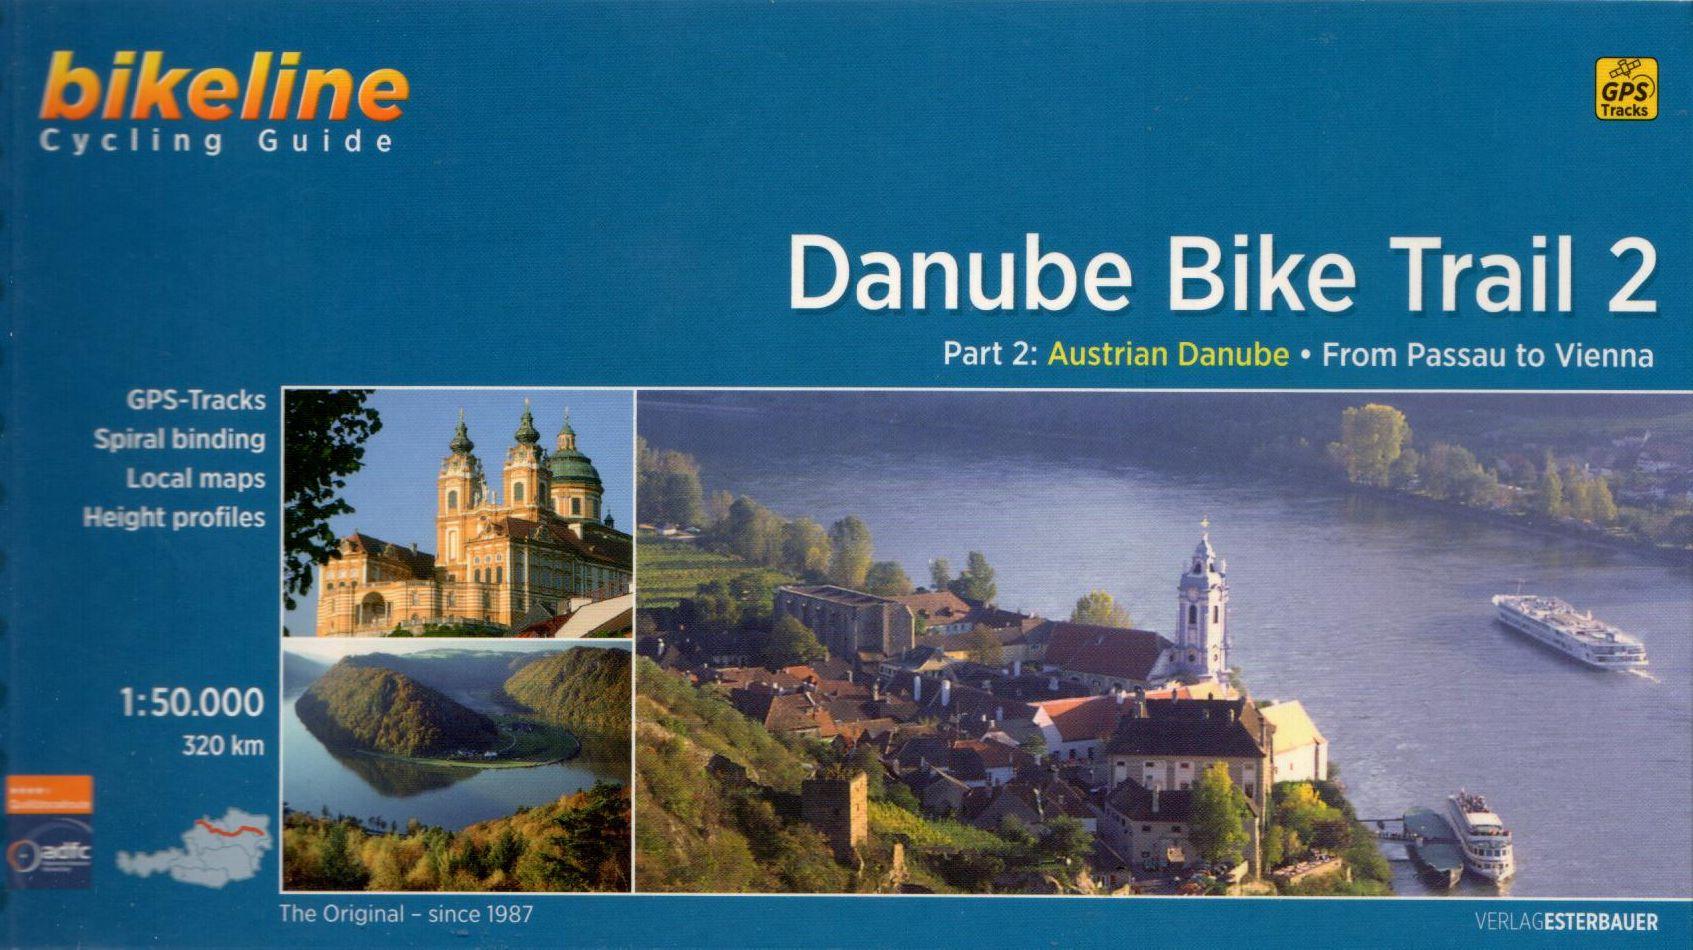 Spirál kötésű, 12 x 23 cm-es angol nyelvű térképes utikönyv a Passau-Bécs közötti Duna szakaszról